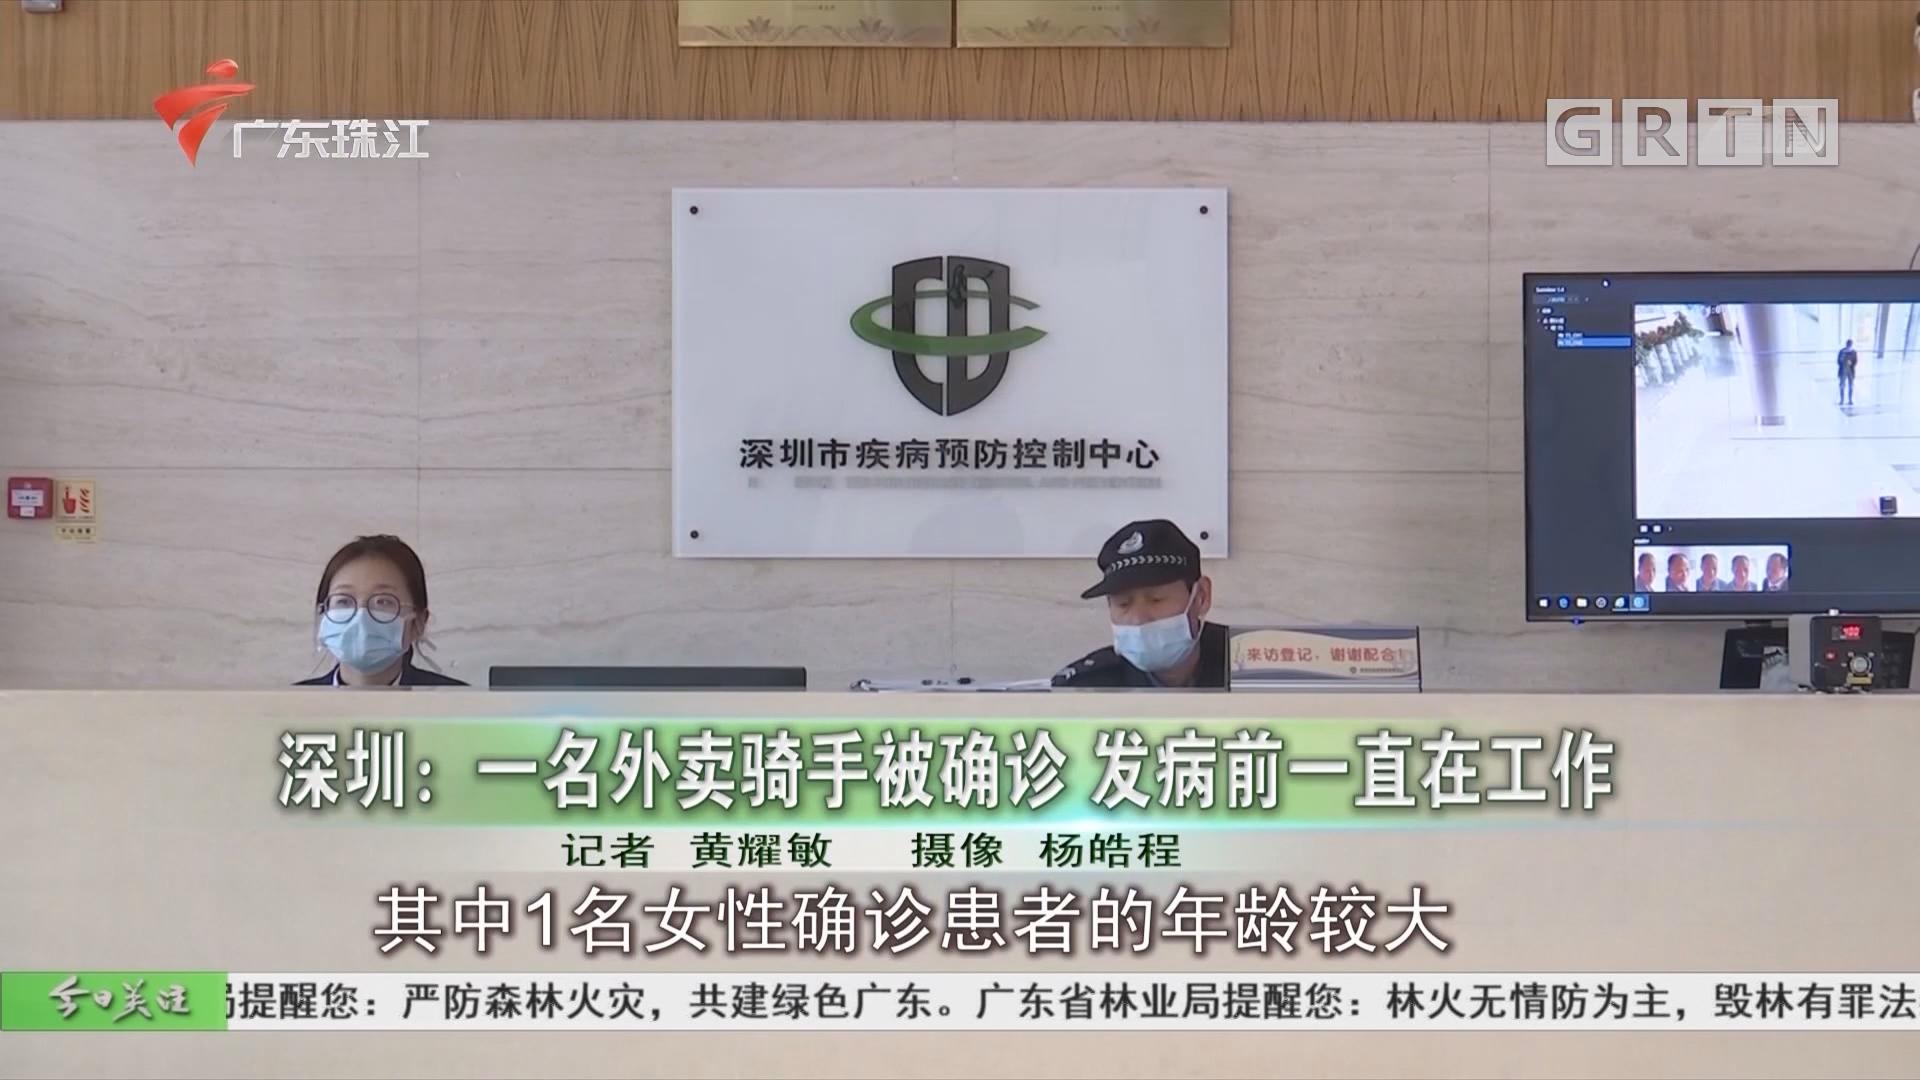 深圳:一名外卖骑手被确诊 发病前一直在工作